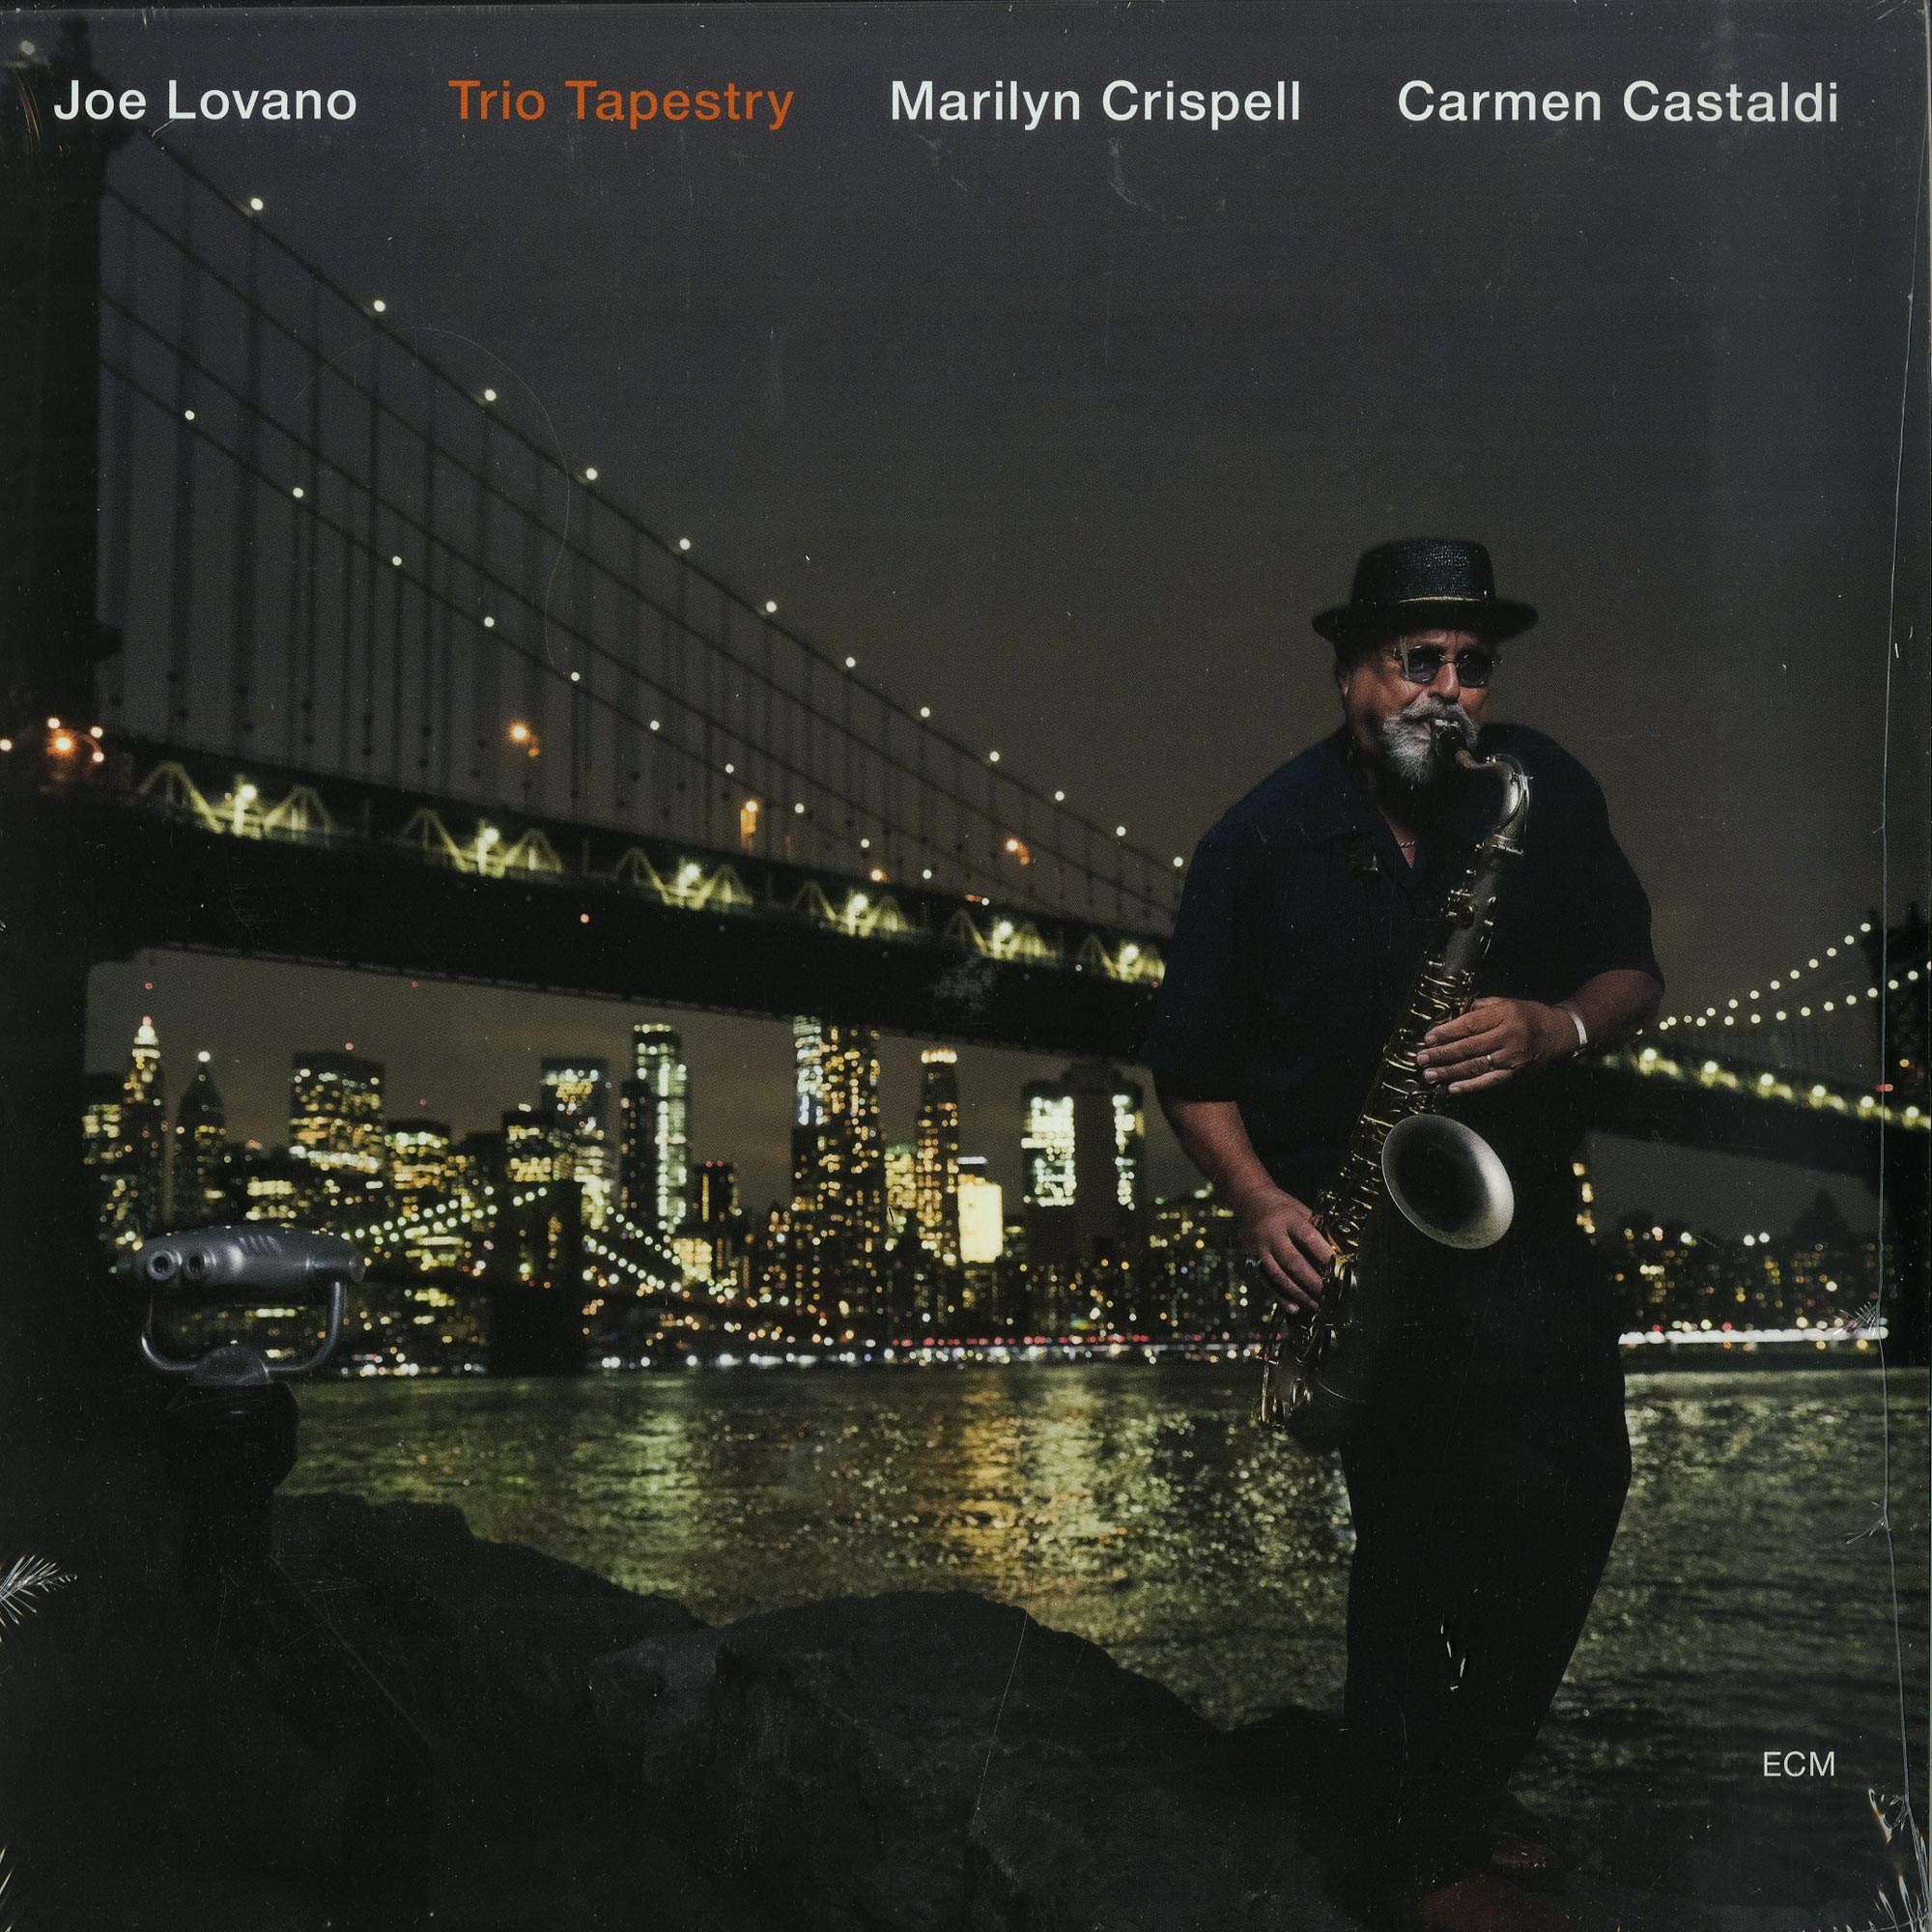 Joe Lovano, Marilyn Crispell, Carmen Castaldi - TRIO TAPESTRY